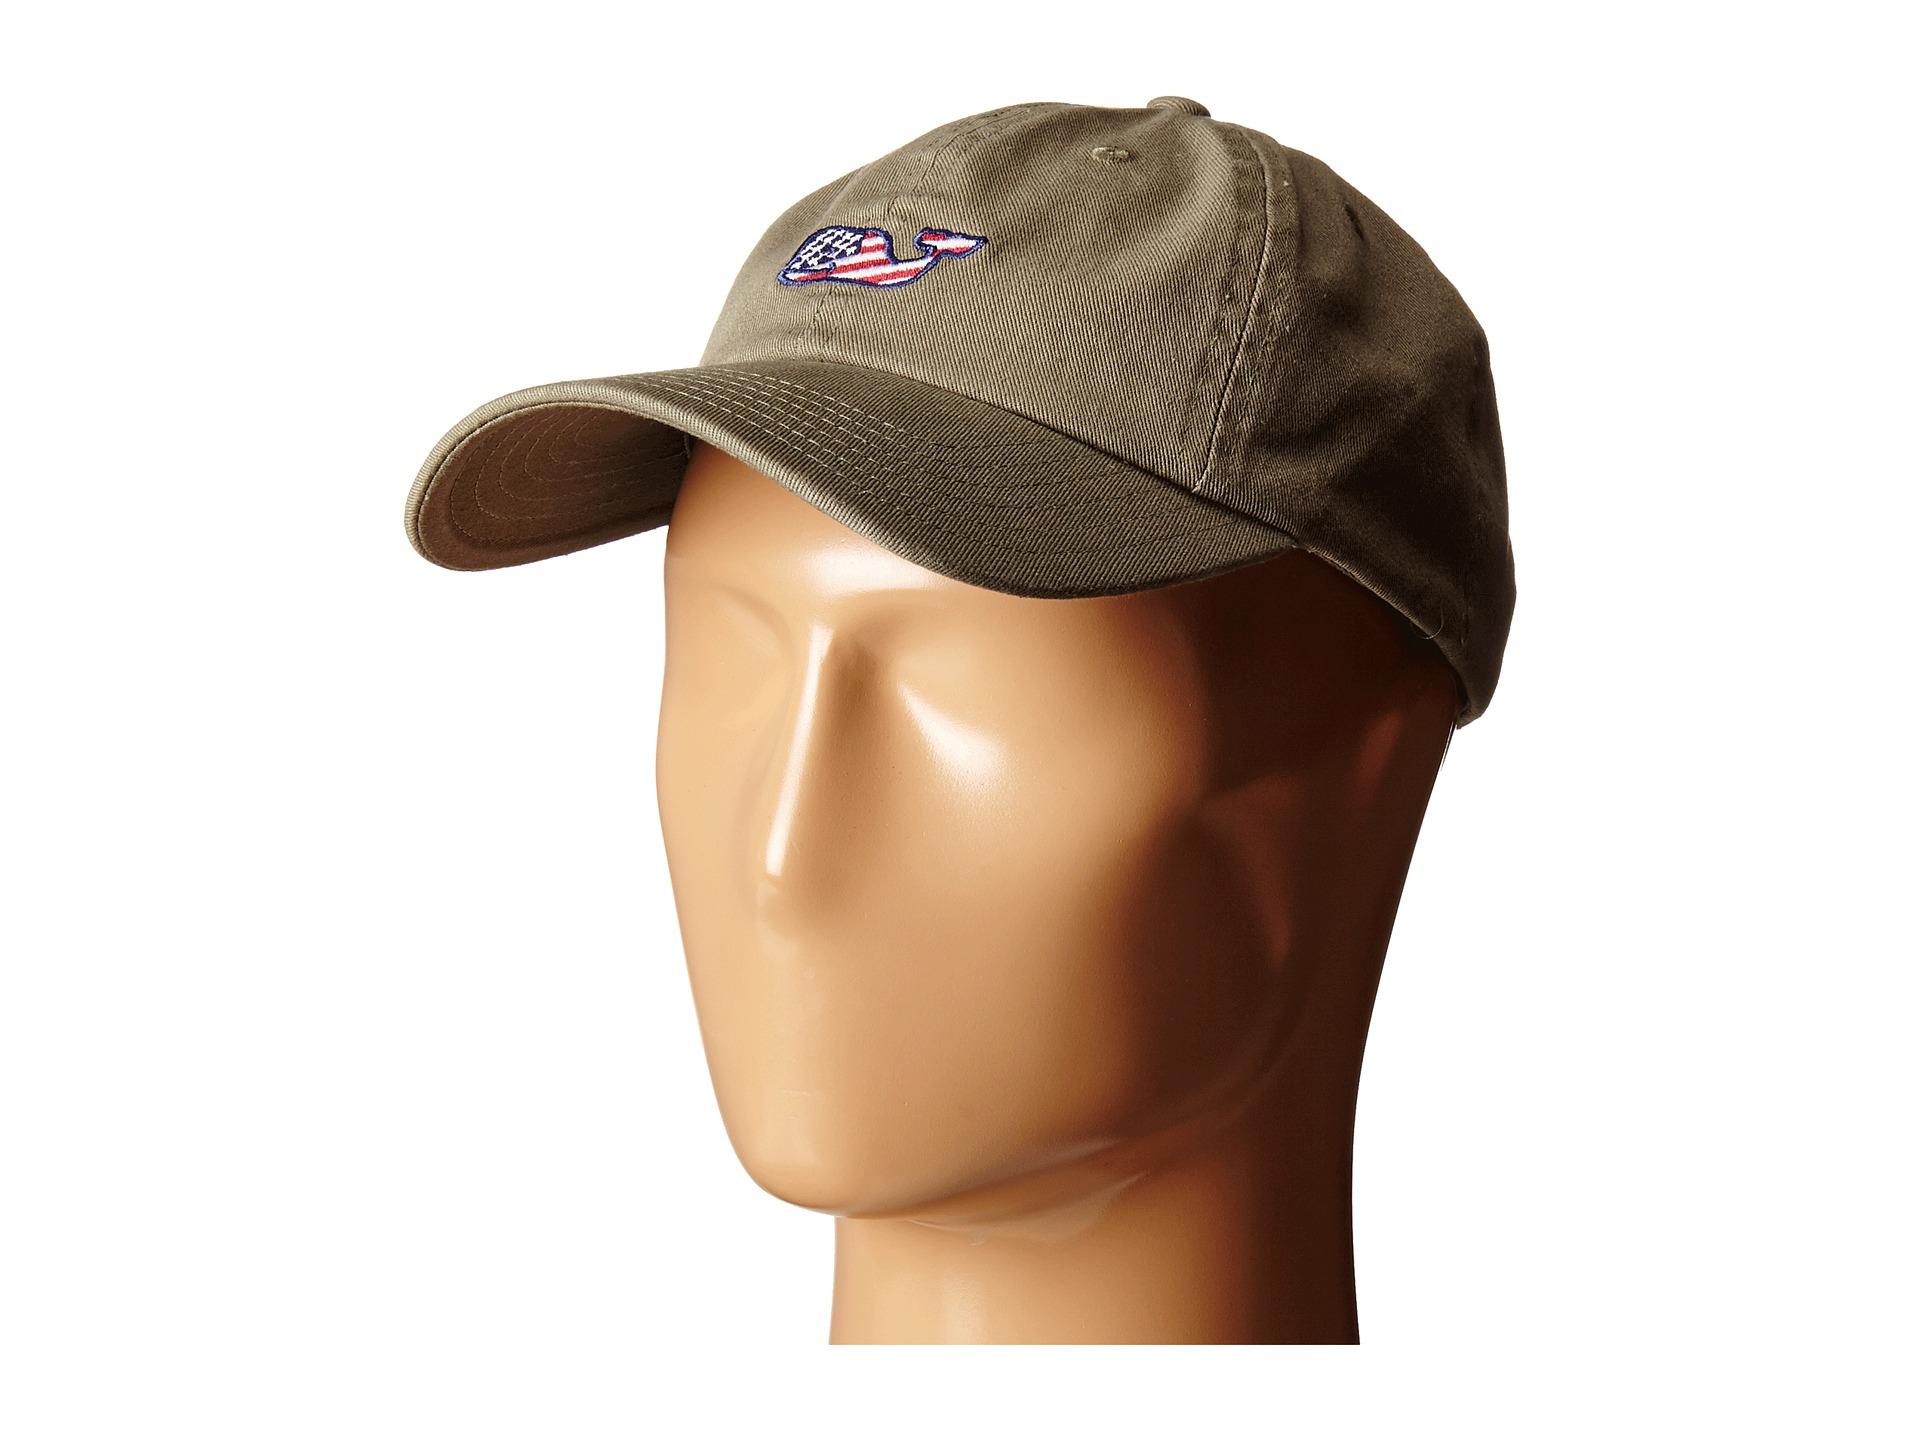 Lyst - Vineyard Vines Whale Flag Baseball Hat in Green for Men 6783f894cd3